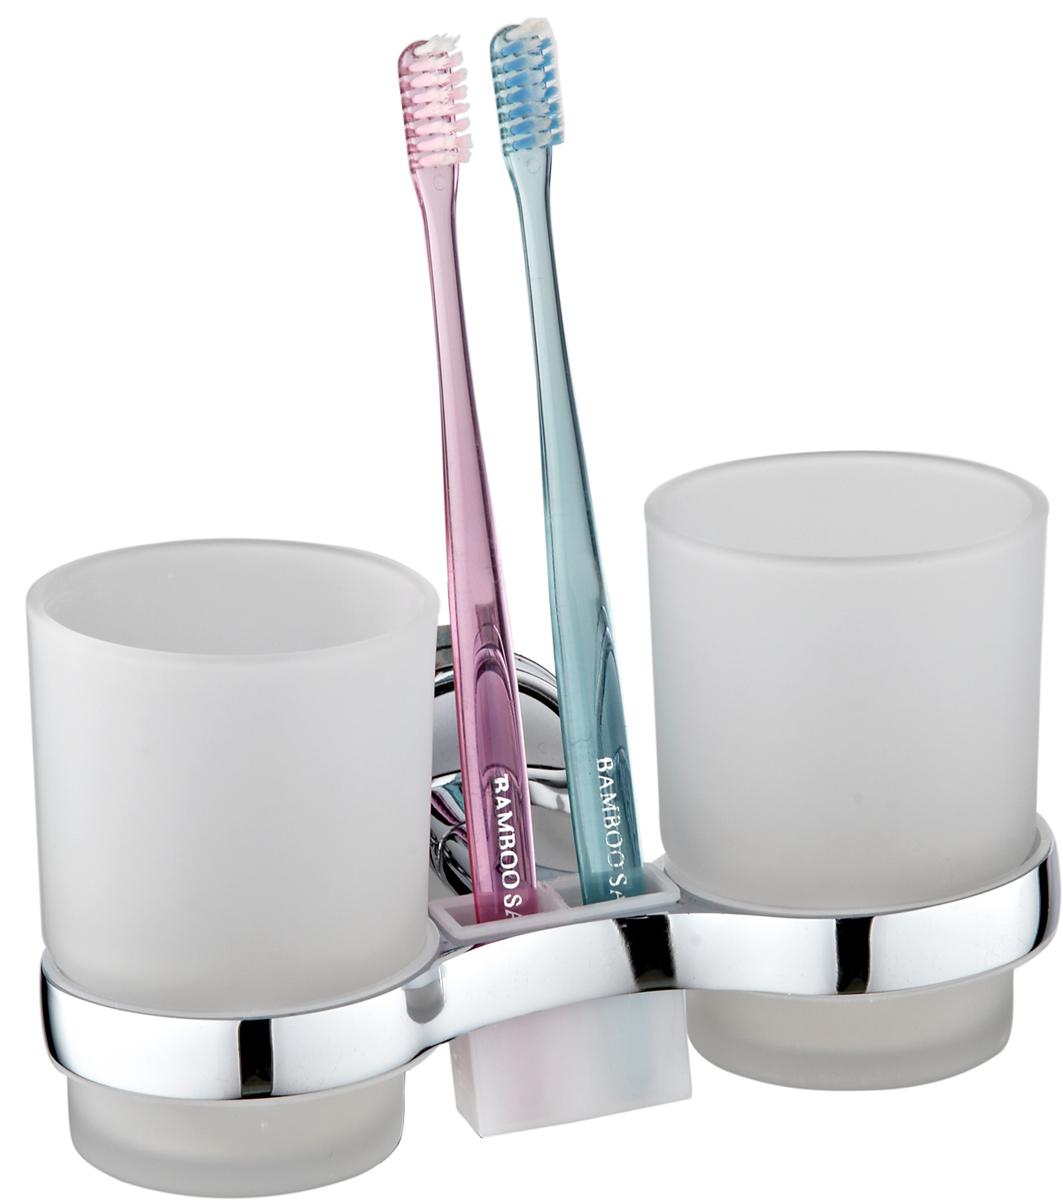 """Двойной хромированный стакан """"РМС"""", изготовленный из стекла, отлично подойдет для вашей  ванной комнаты. Крепится к стене.    Стакан """"РМС"""" создаст особую атмосферу уюта и максимального комфорта в ванной."""